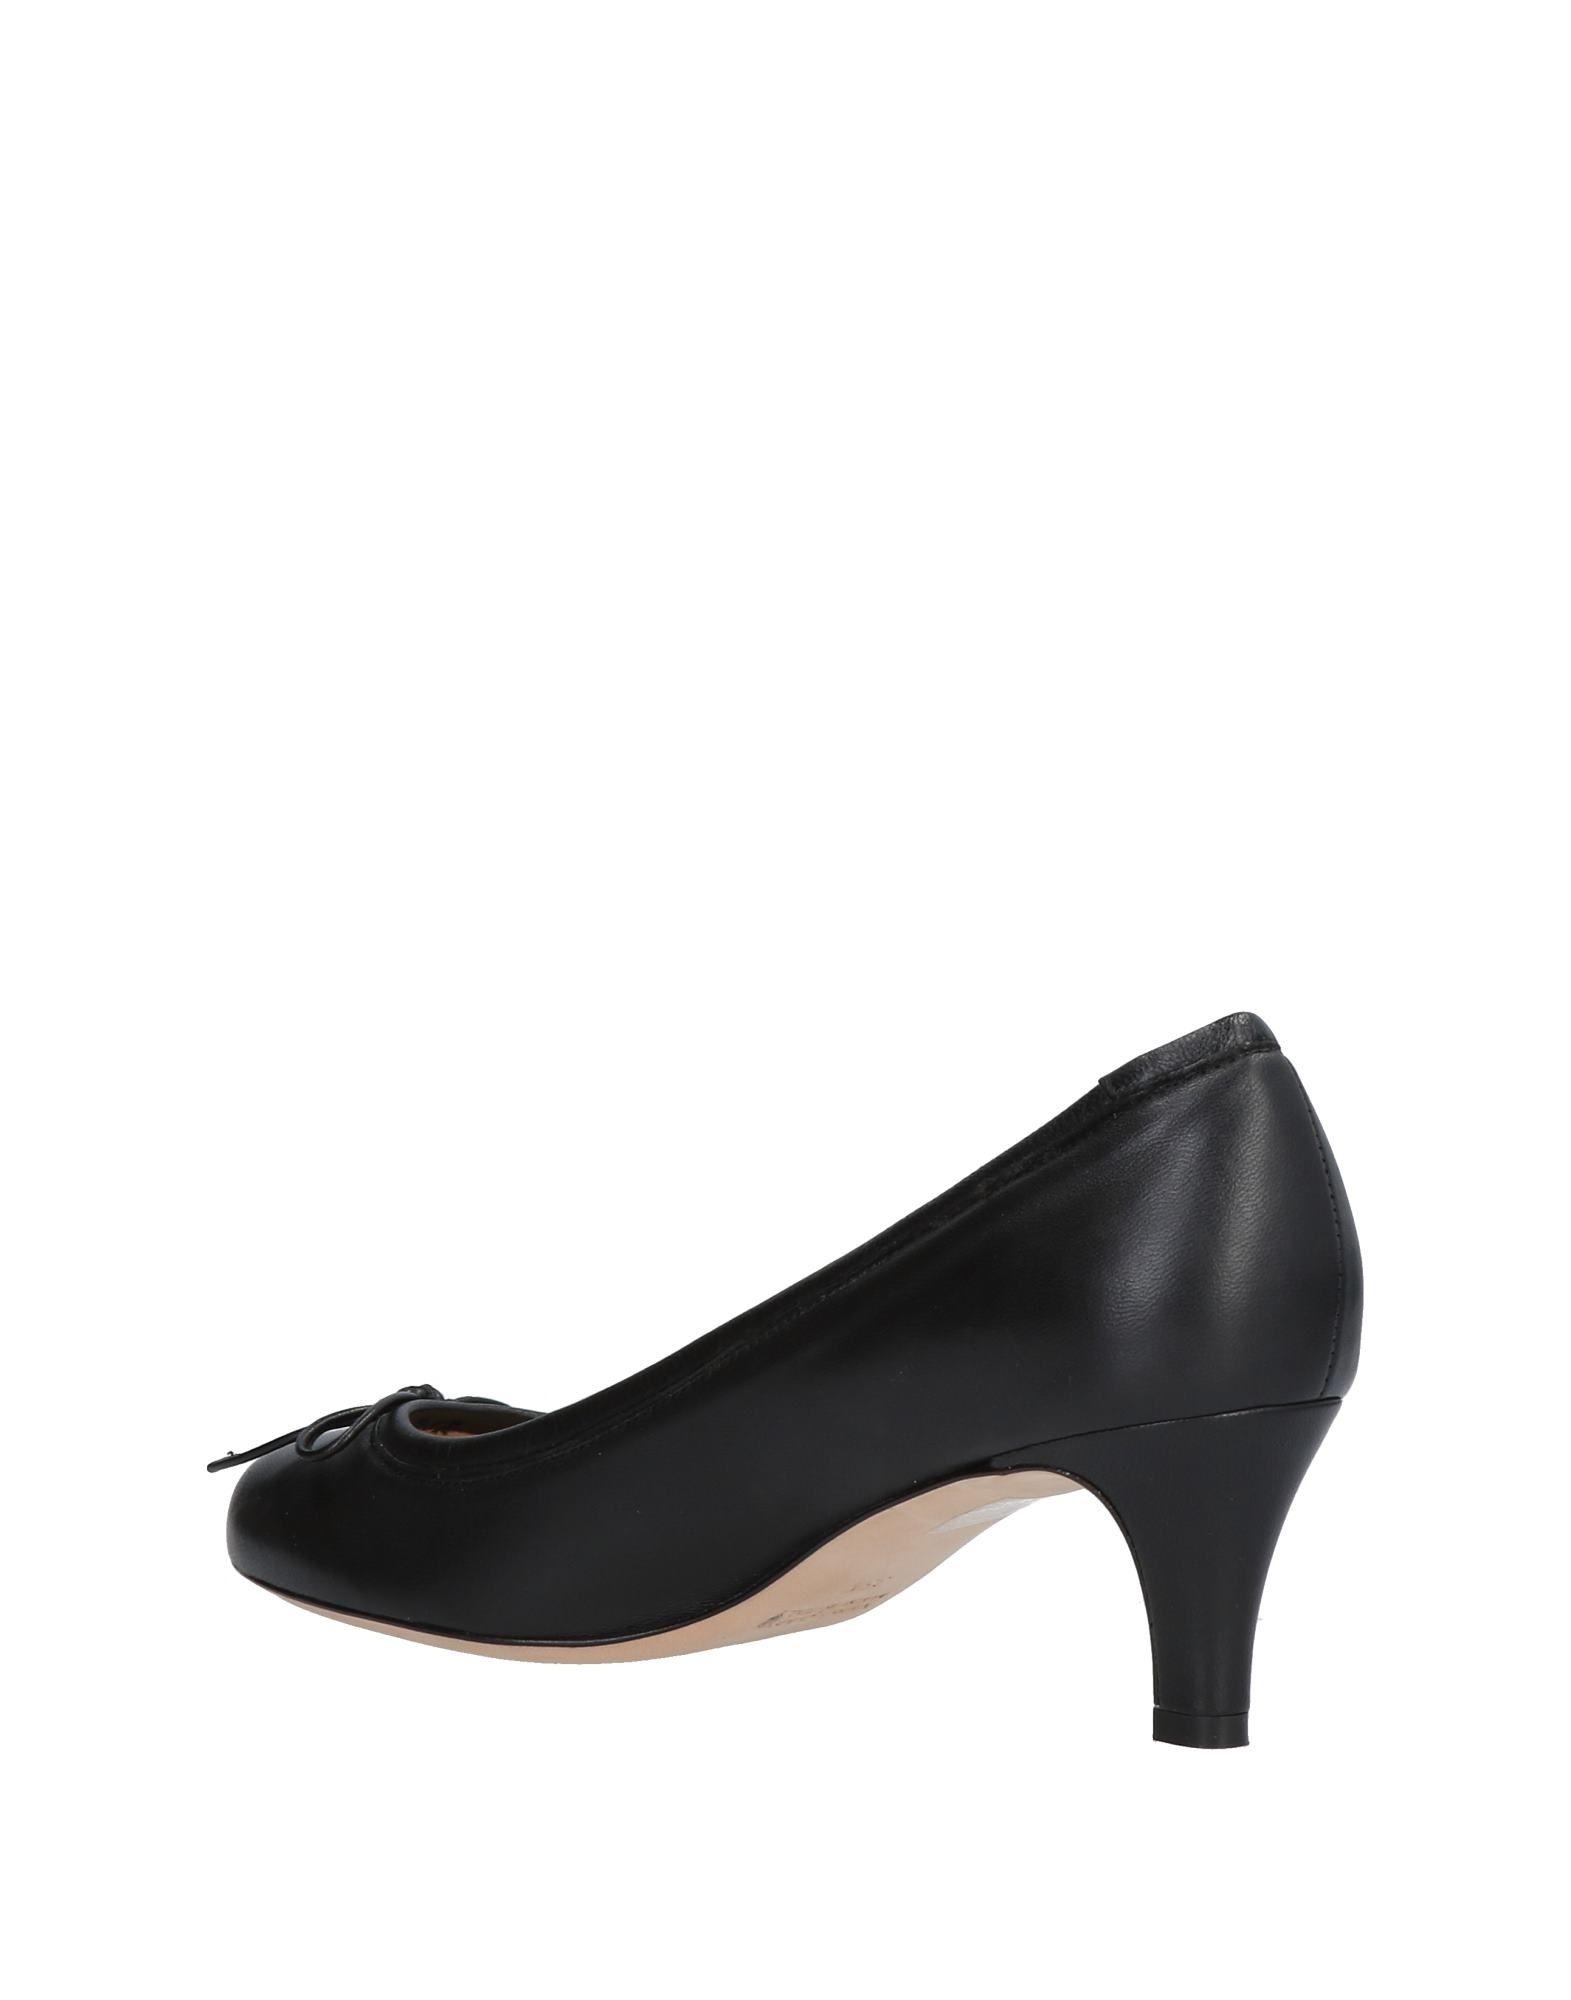 Stilvolle billige Schuhe 11475028UM Arfango Pumps Damen  11475028UM Schuhe 9cc73d